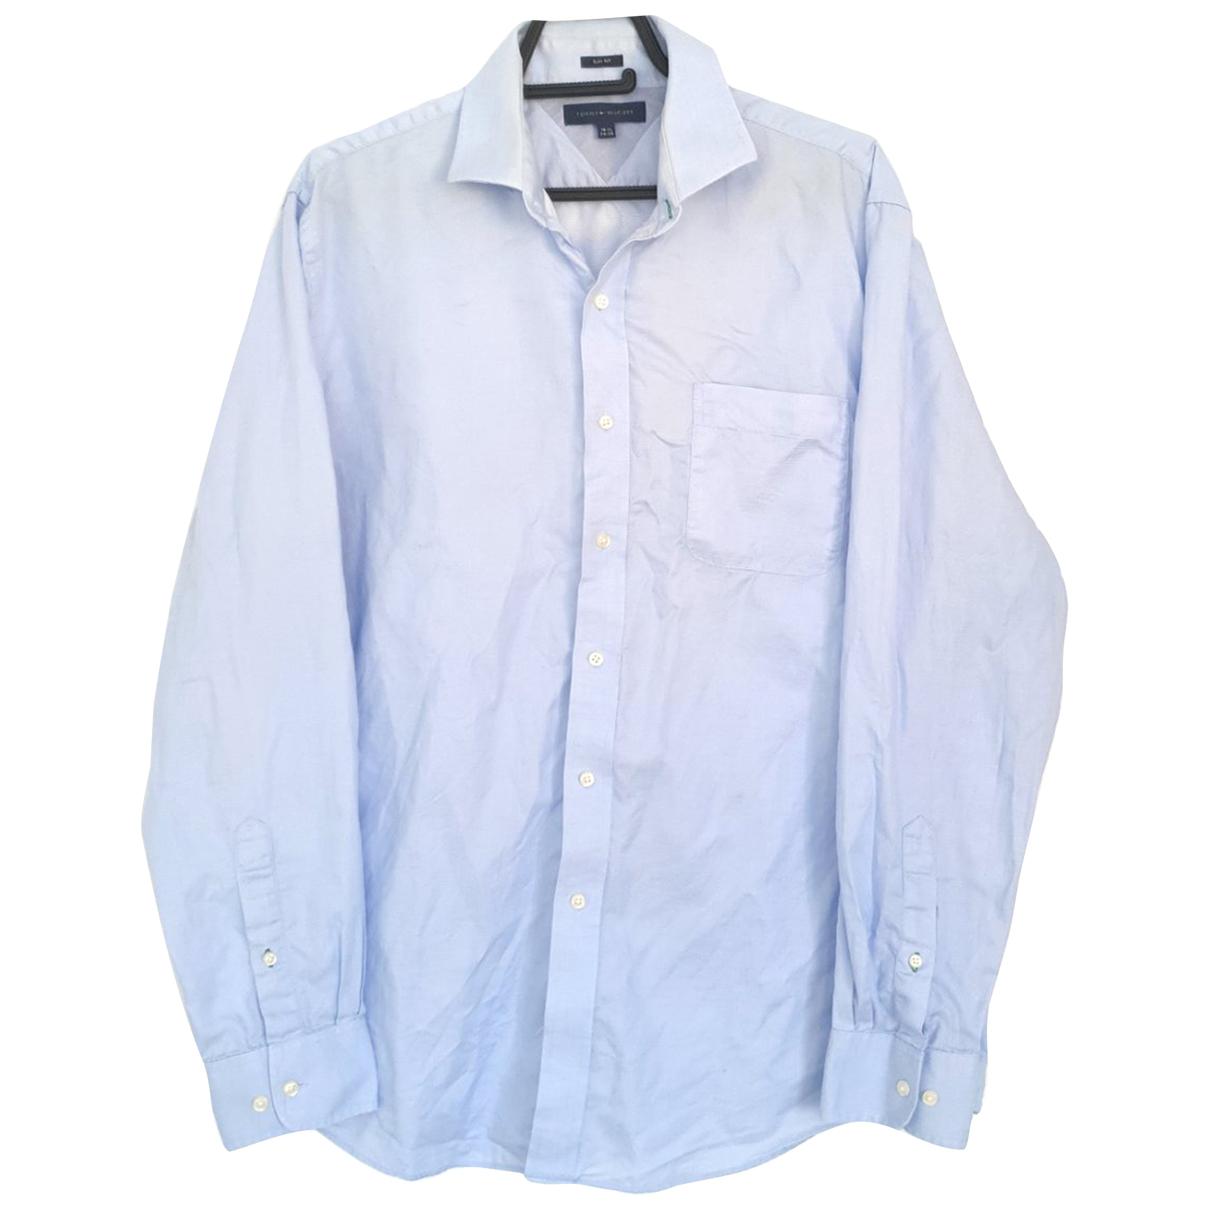 Tommy Hilfiger \N Blue Cotton Shirts for Men 16.5 UK - US (tour de cou / collar)